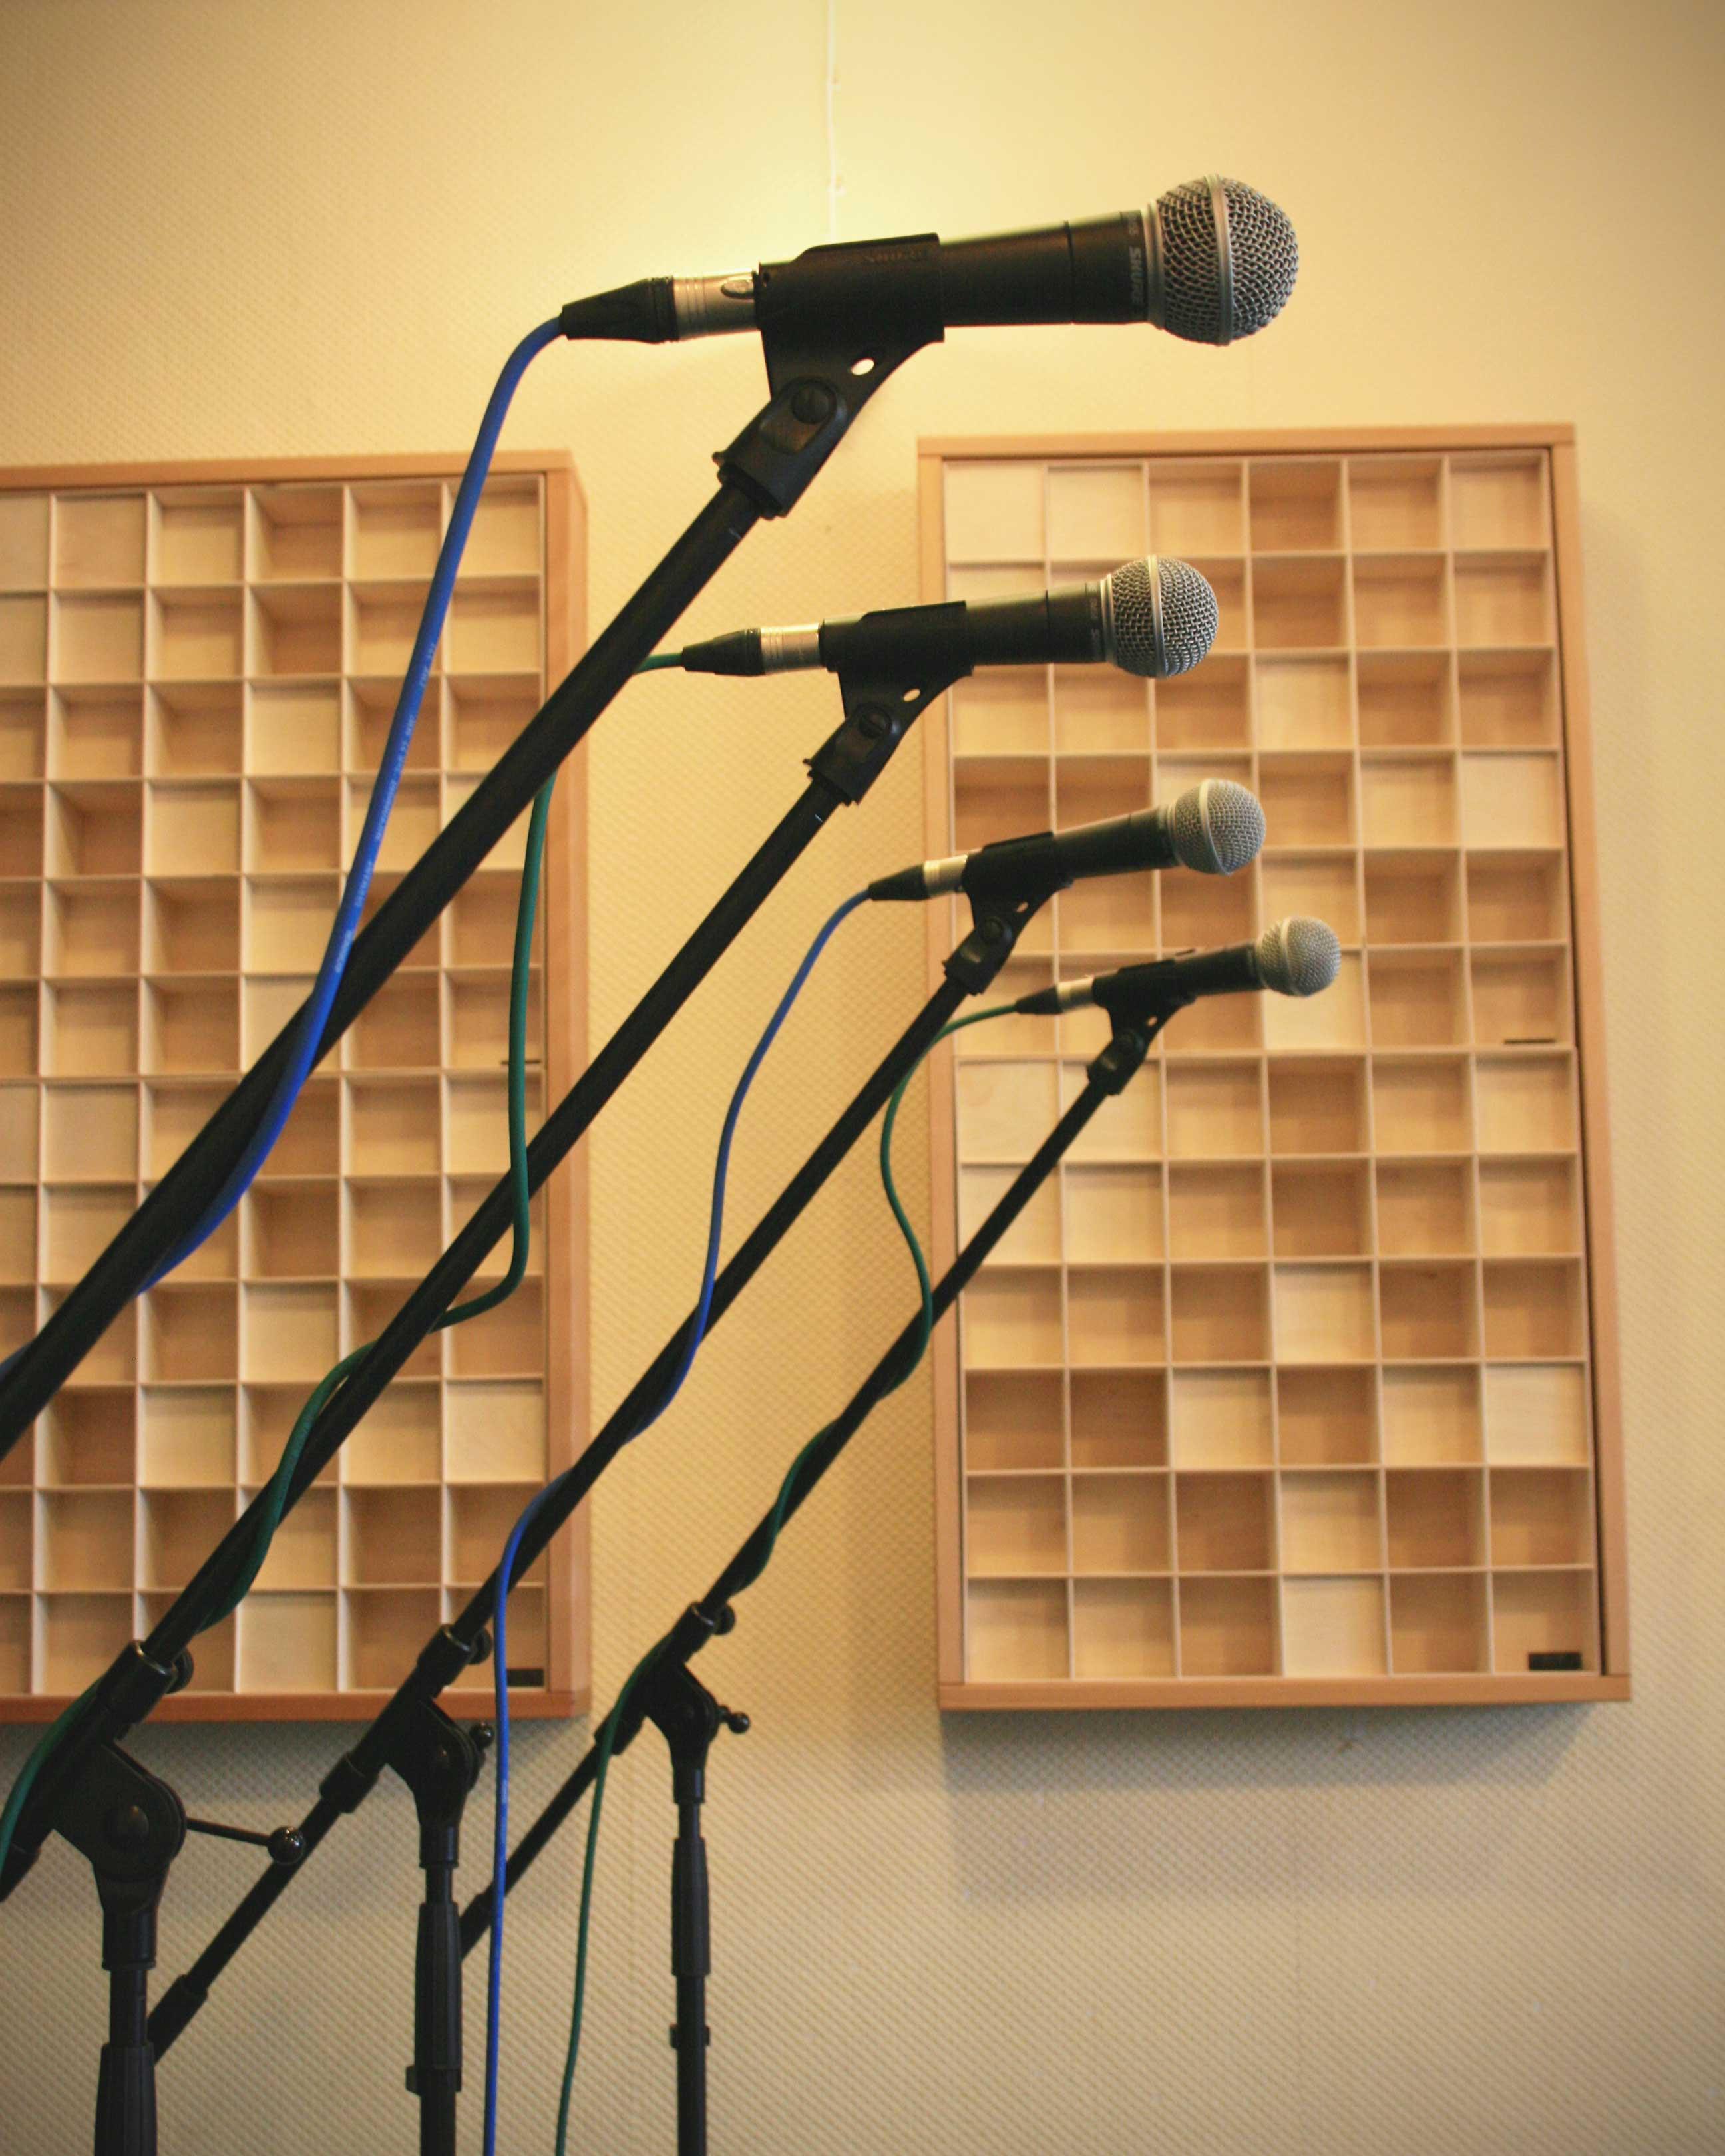 Mikrofone für Gesang